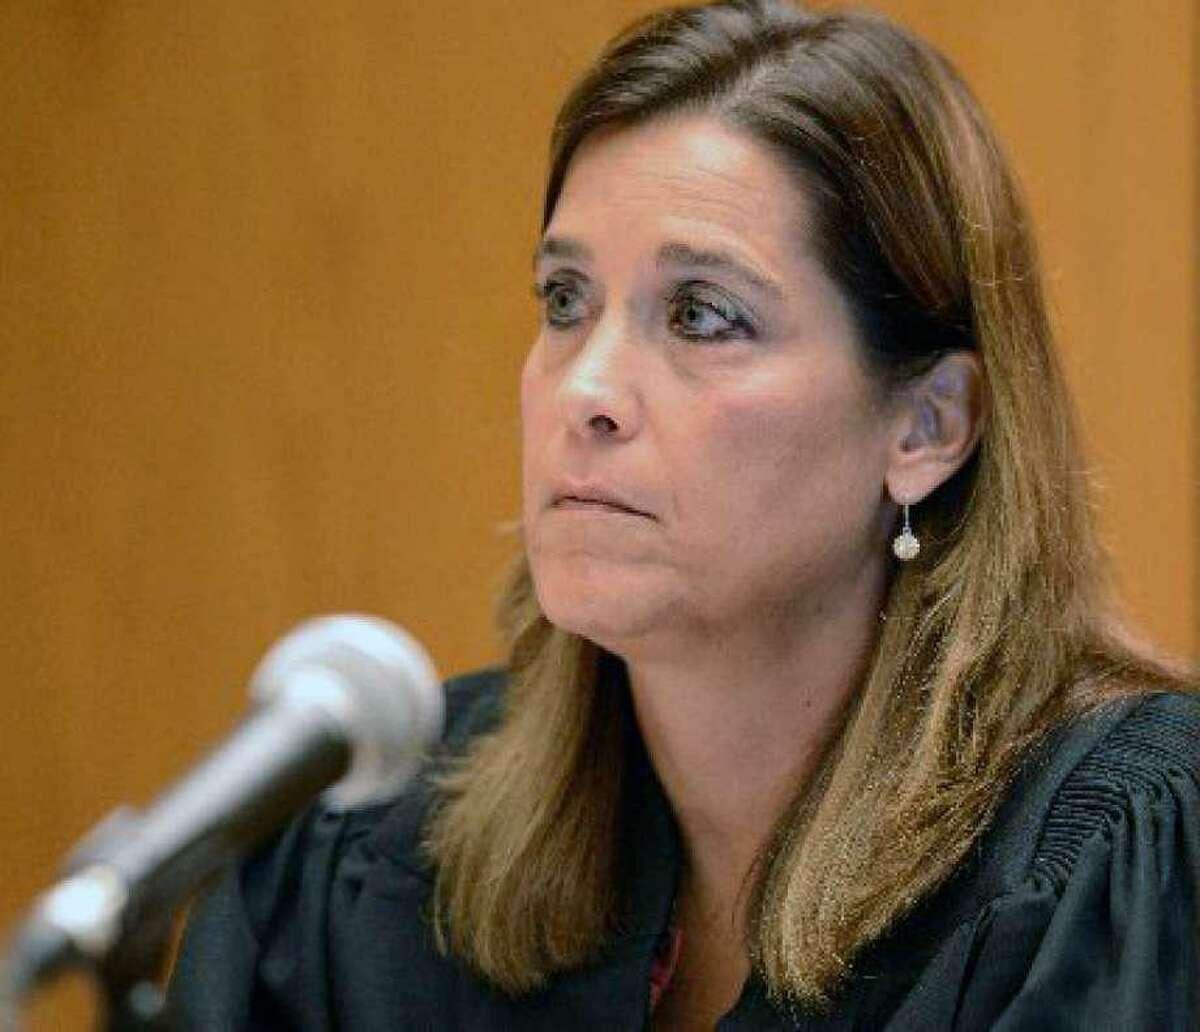 Superior Court Judge Barbara Bellis